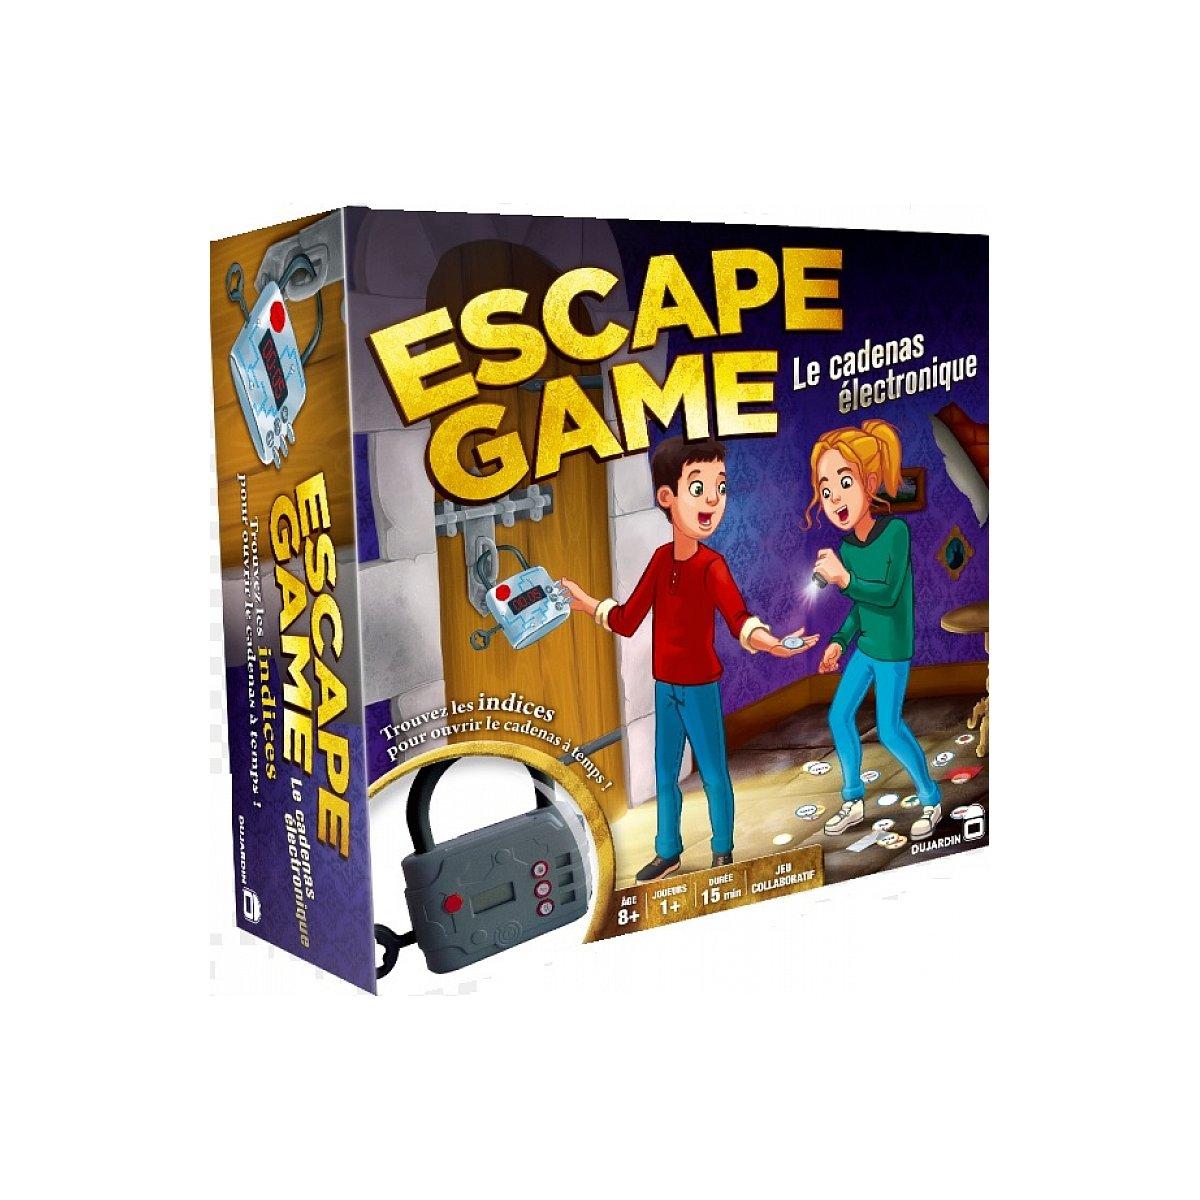 Le cadenas Électronique - Escape Game - Jeu de société -Dujardin